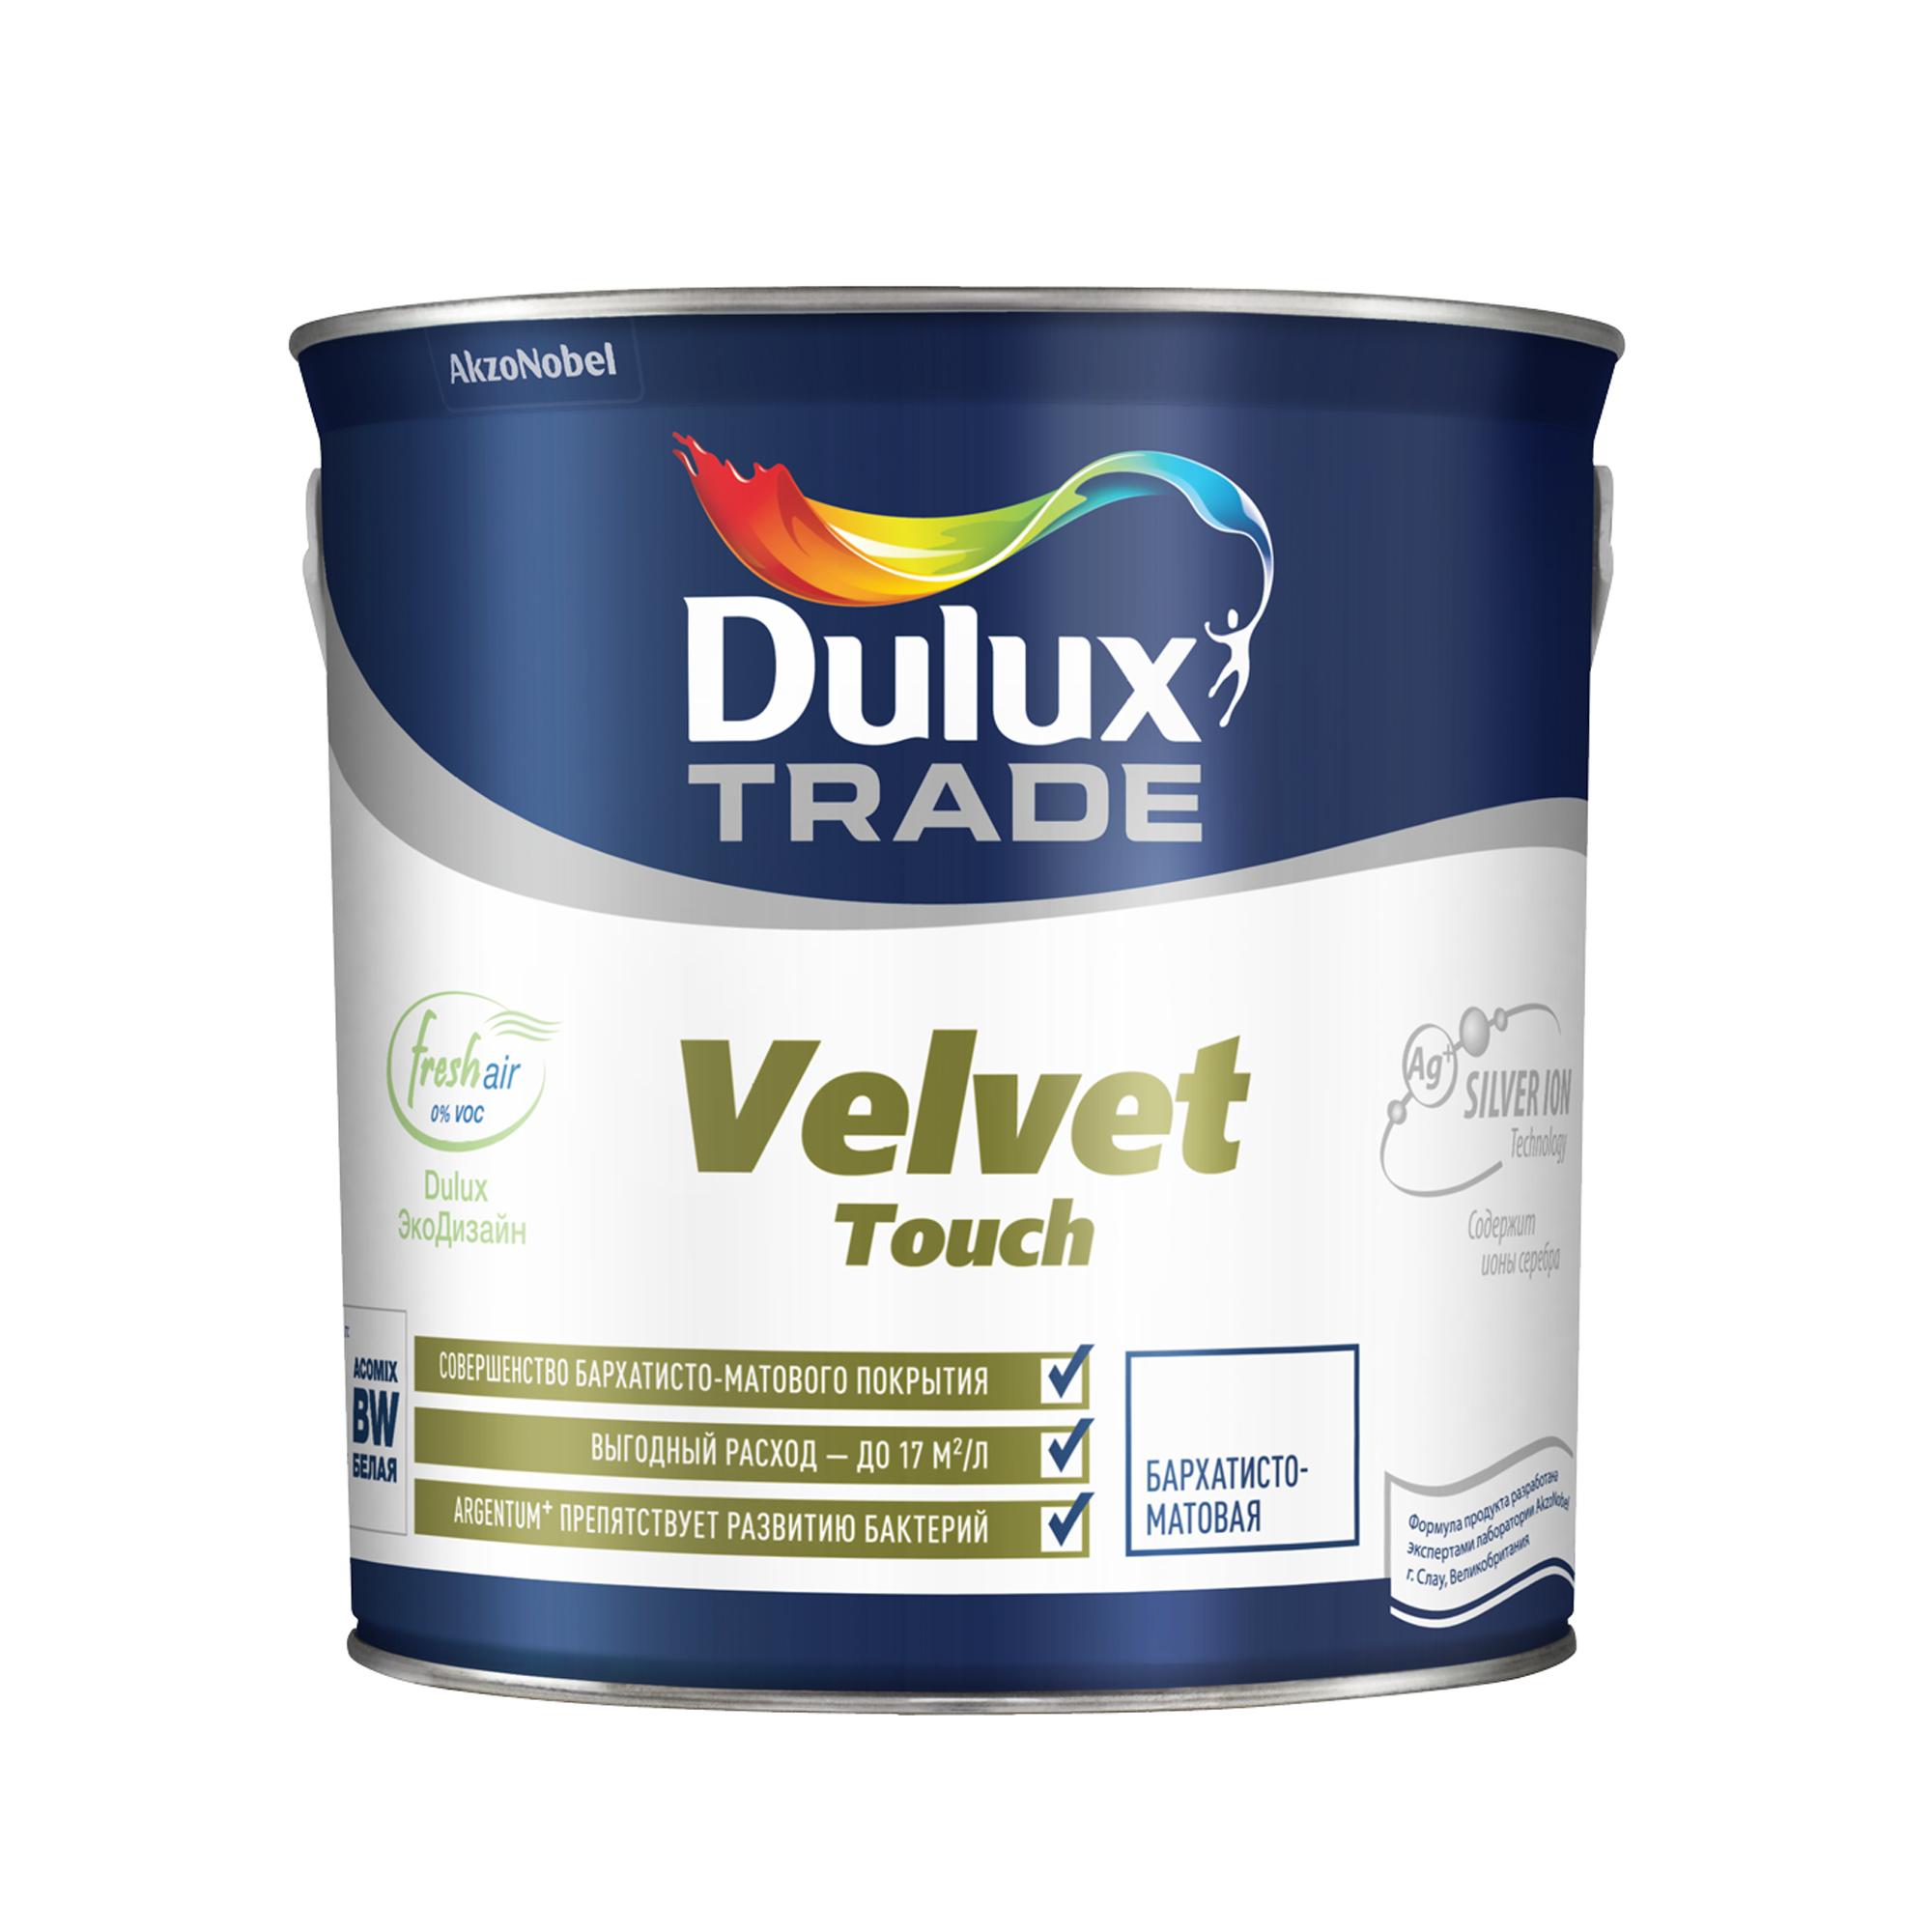 Купить Краска для внутренних работ Dulux Velvet Touch белая, 2, 5 л, Дюлакс/Dulux, Россия, белый